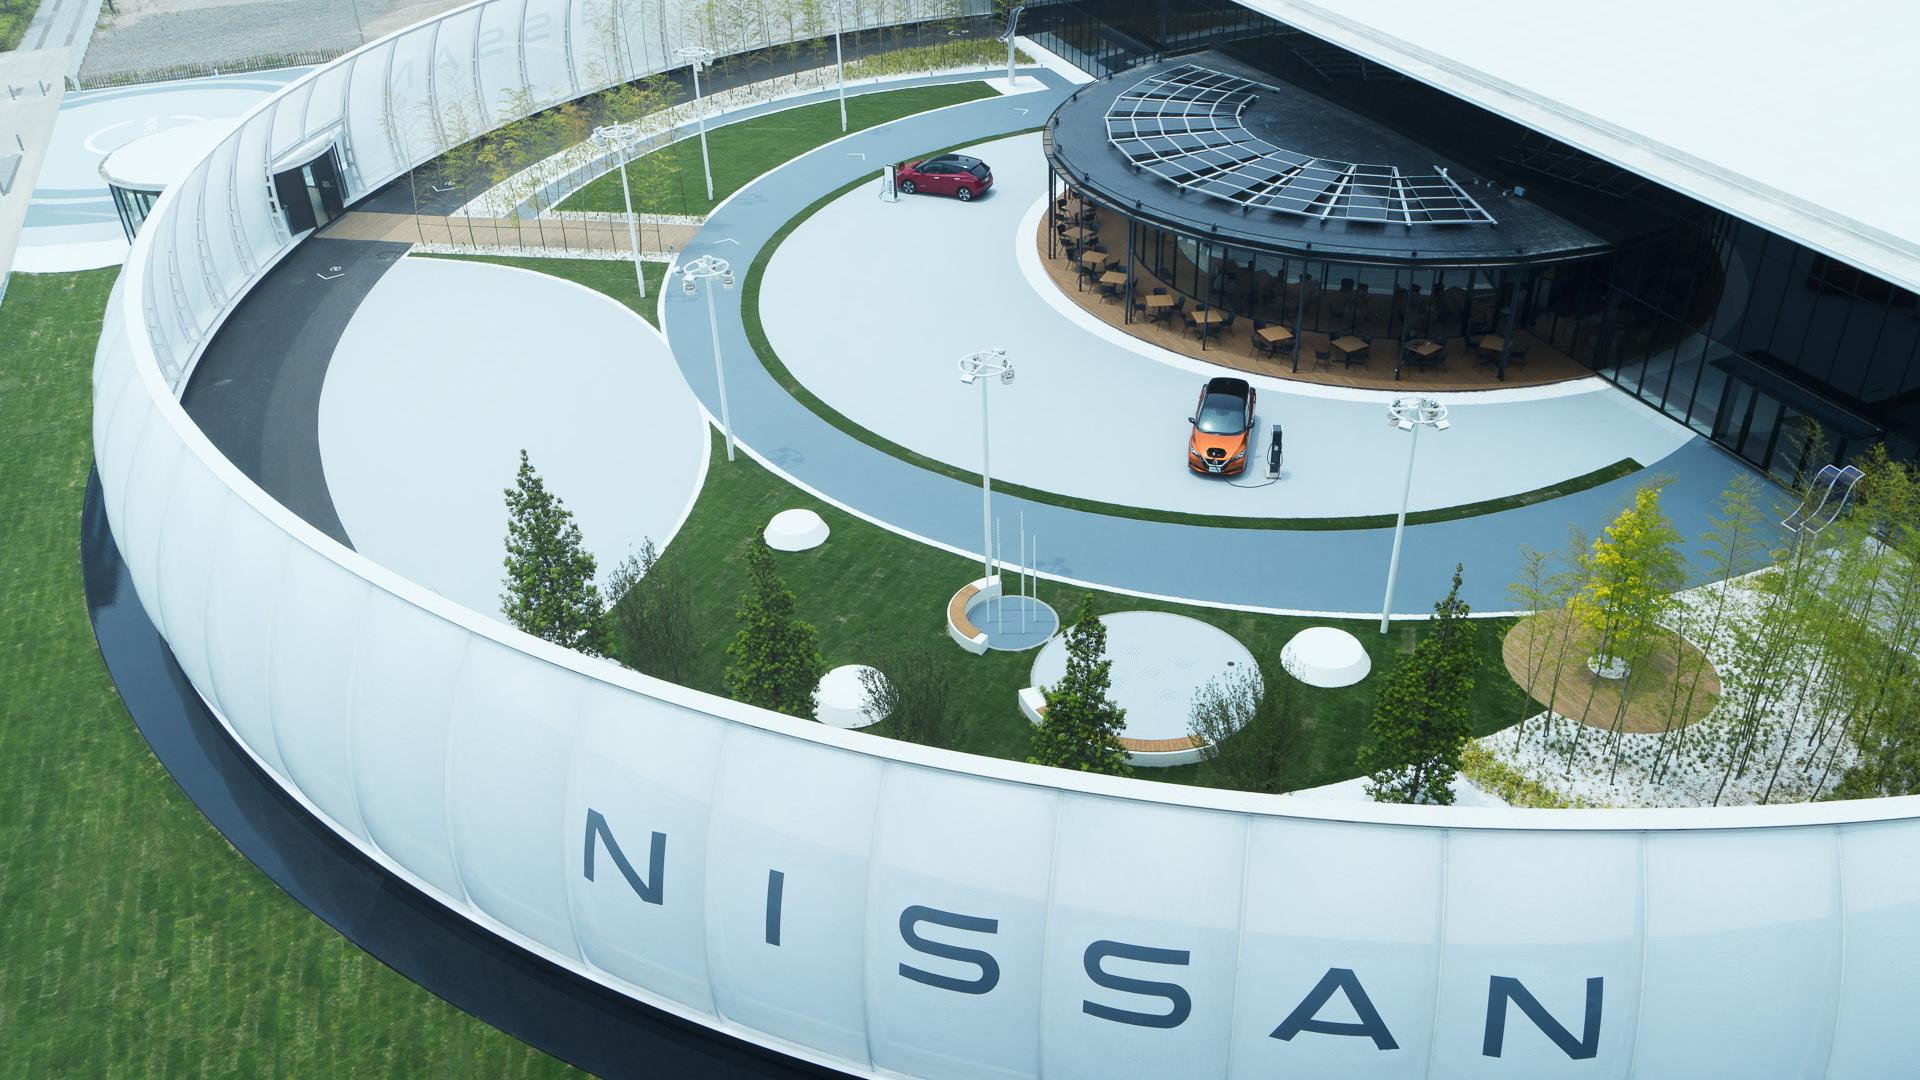 Nissan Pavilion - Yokohama, Japan